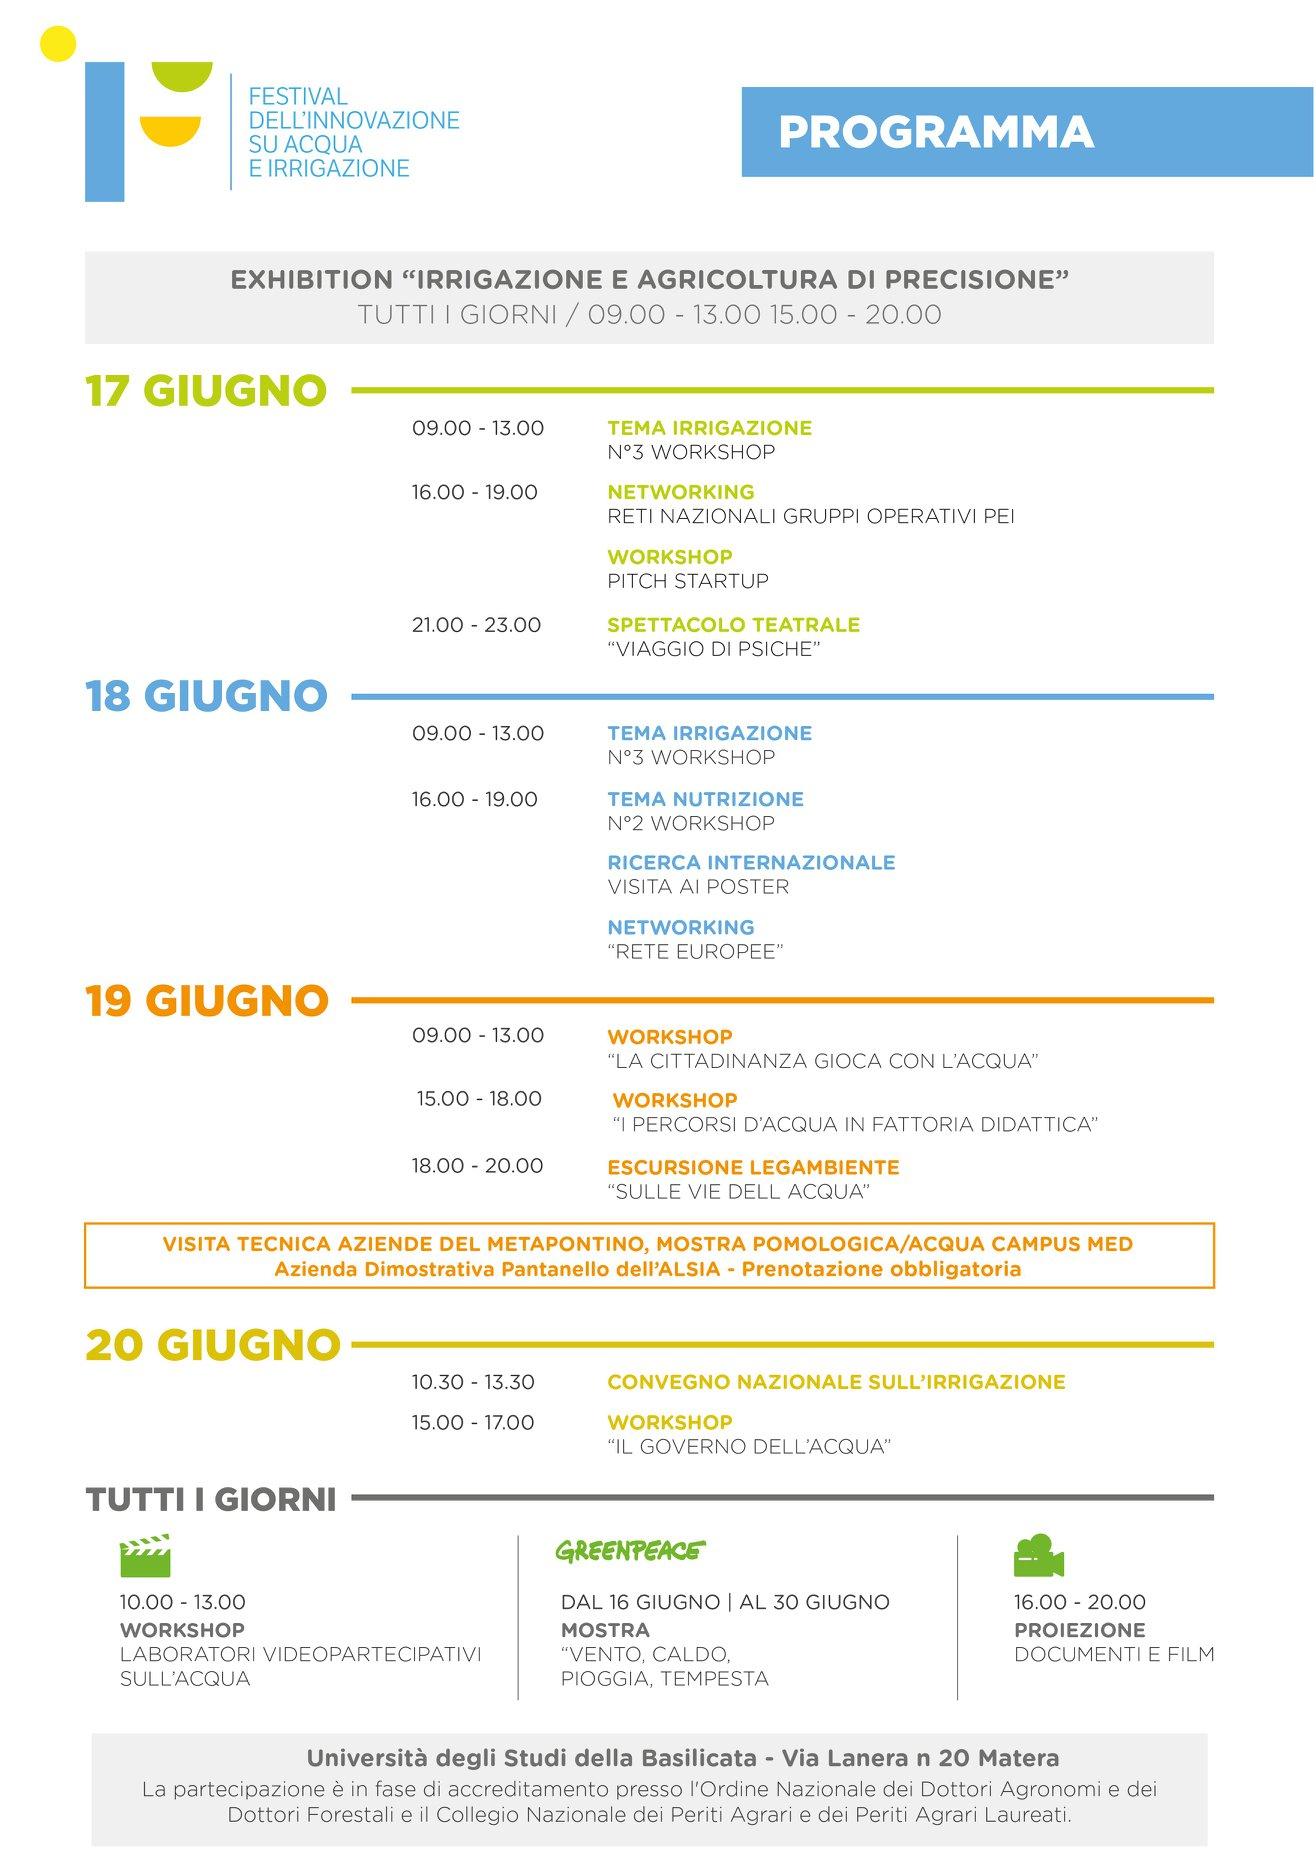 programma-festival-dellinnovazione-su-acqua-e-irrigazione